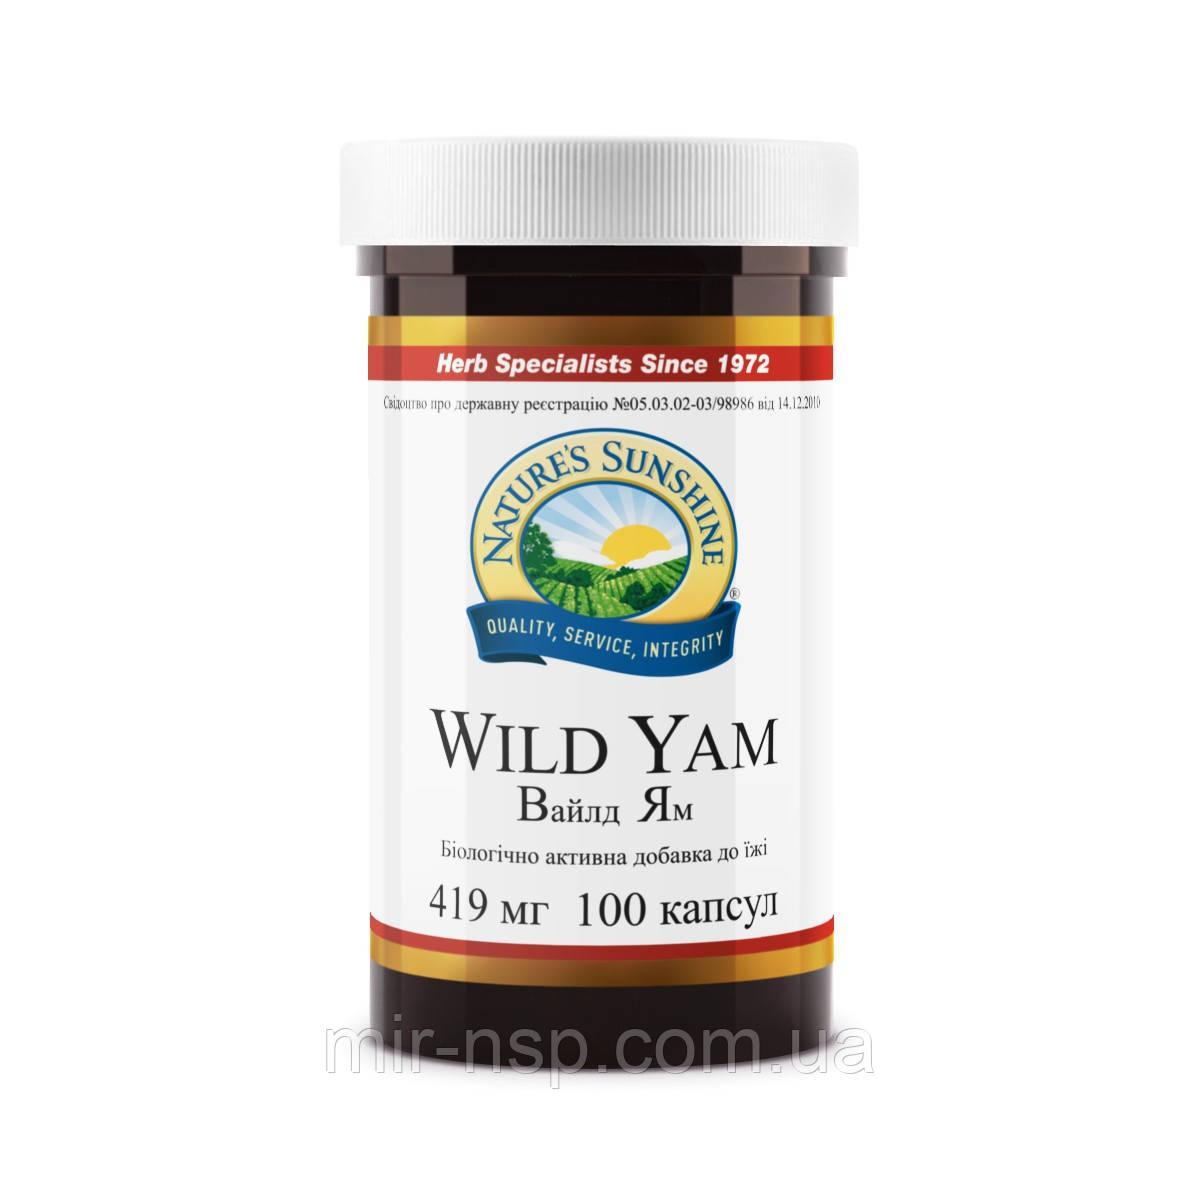 Дикий ямс (вайлд ям, диоскорея, Wild Yam) бад компании NSP